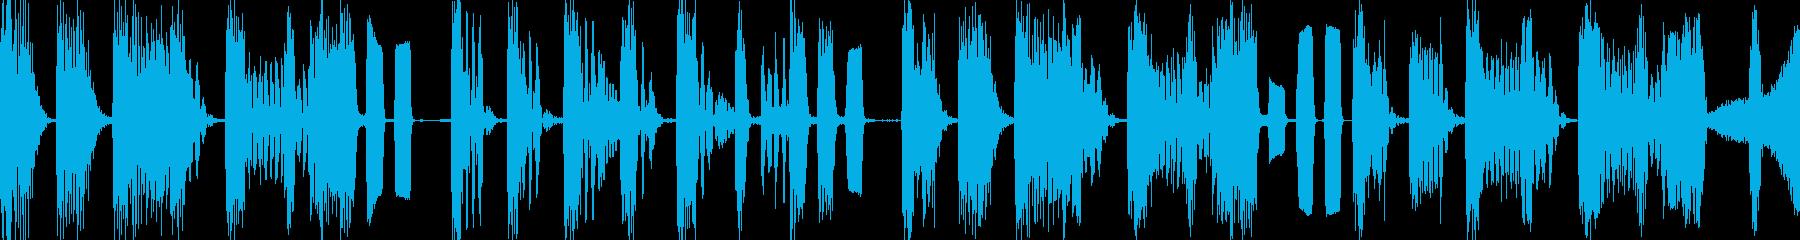 ループ素材。コミカルな考え中のシーンの再生済みの波形